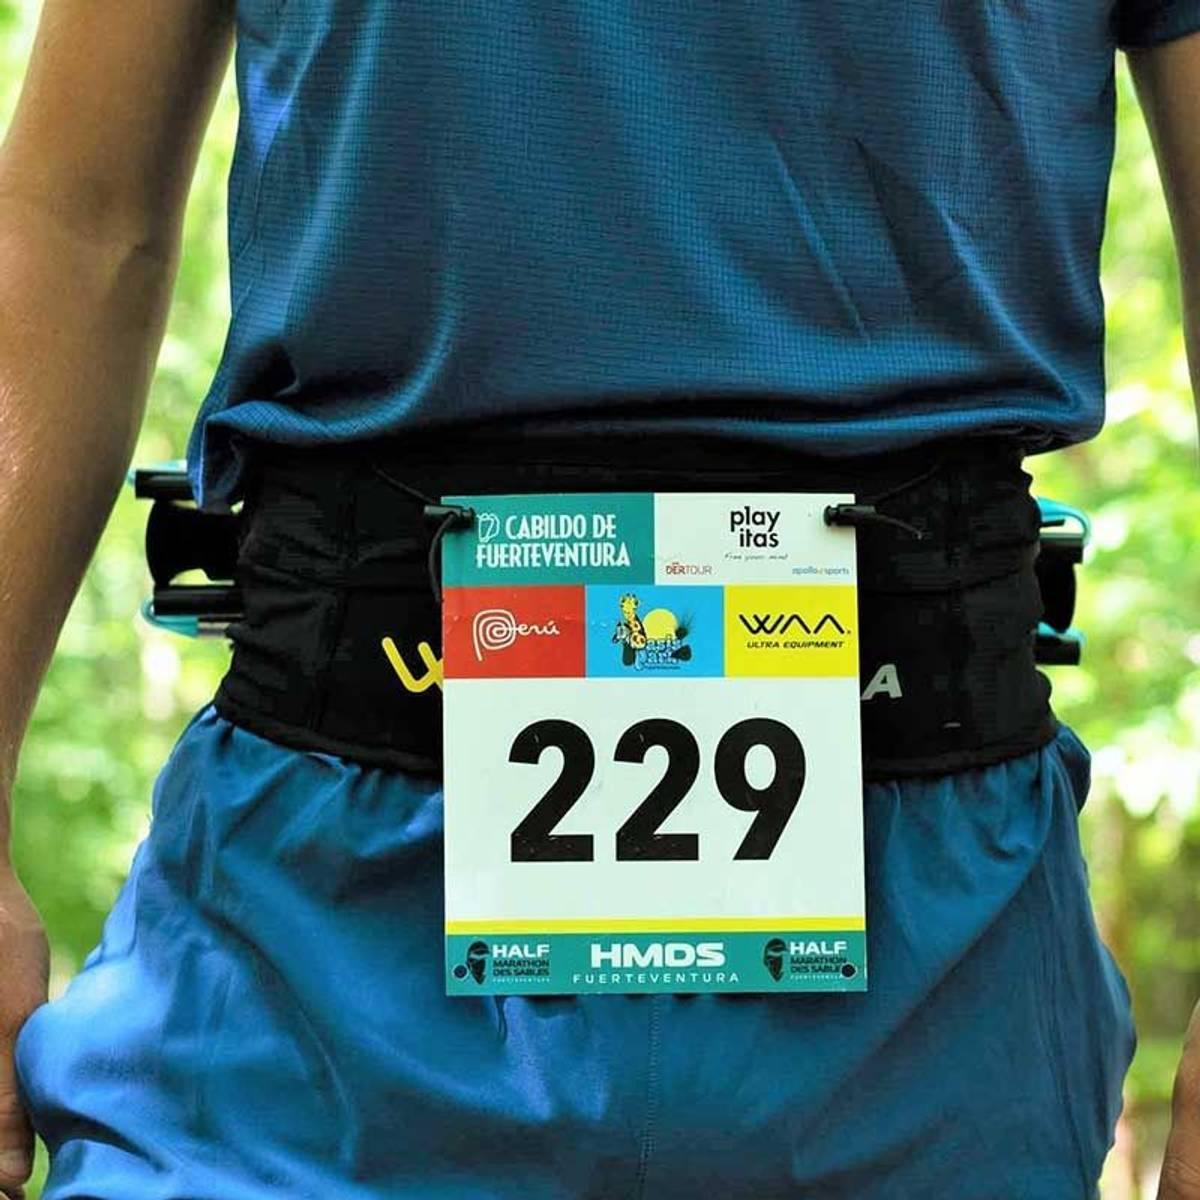 Waa Ultra Running Belt pack